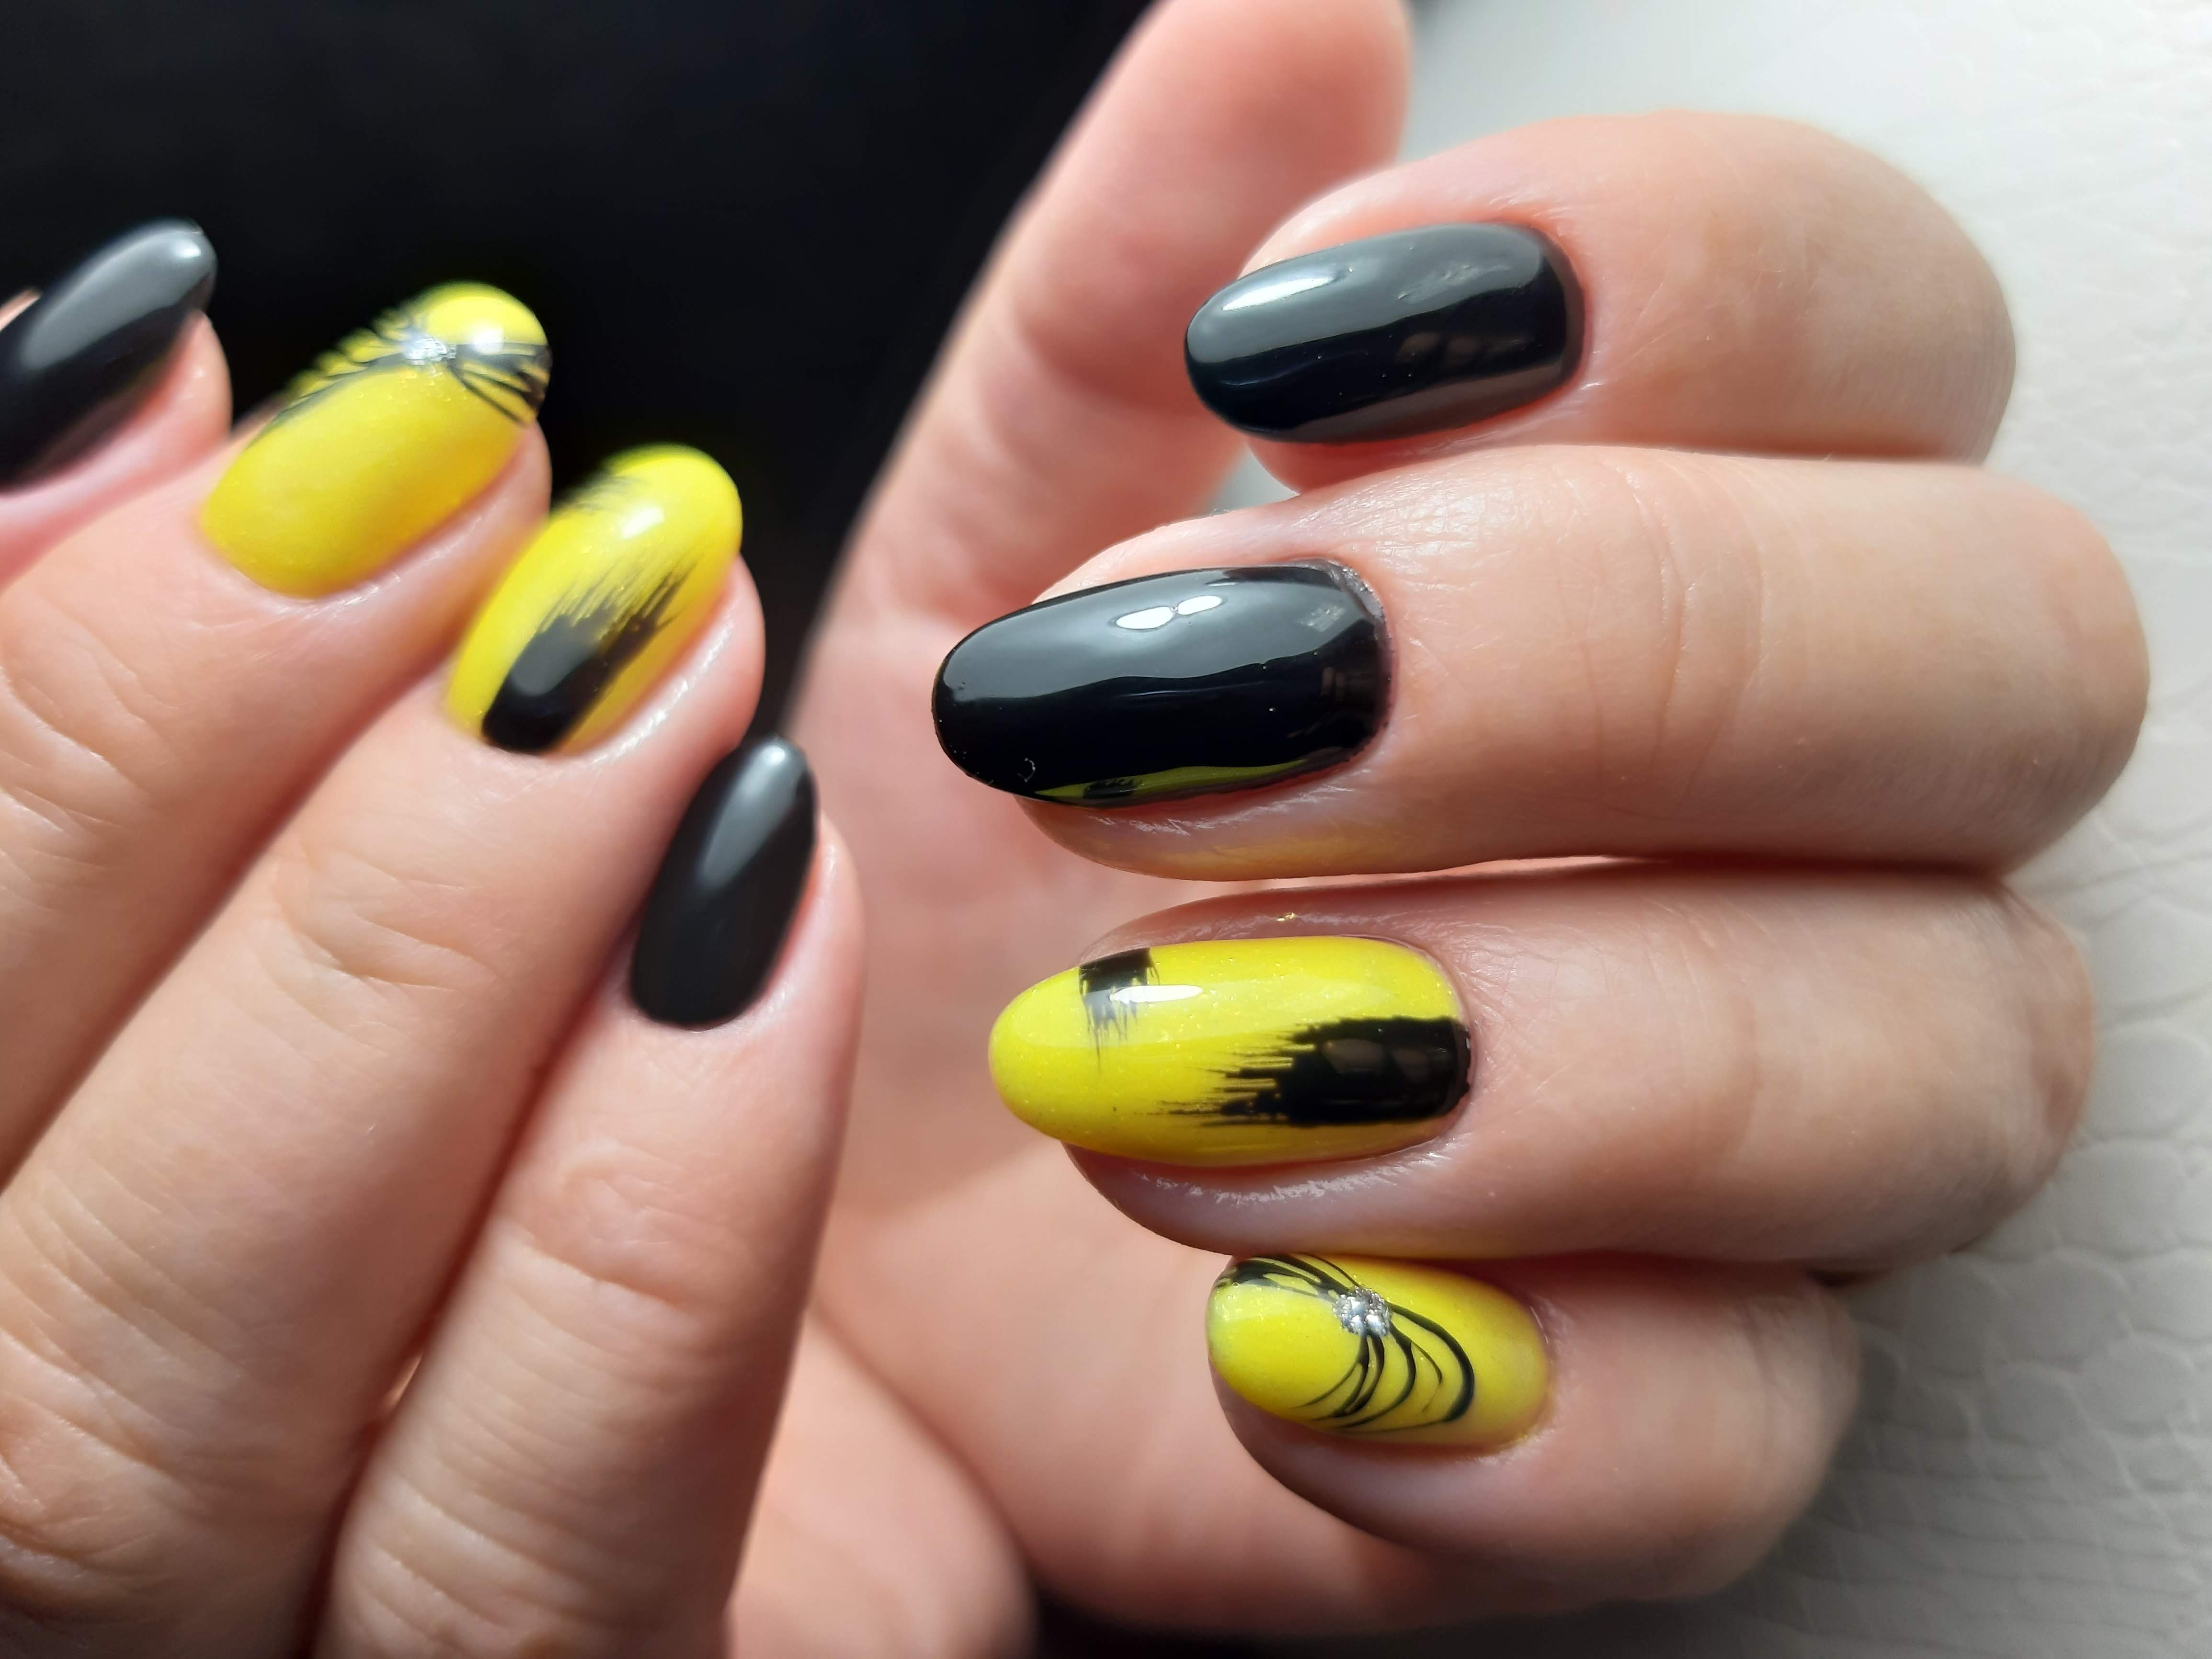 """Констрастный маникюр в чёрном и жёлтом цветах с """"пайтинкой"""" и блёстками."""